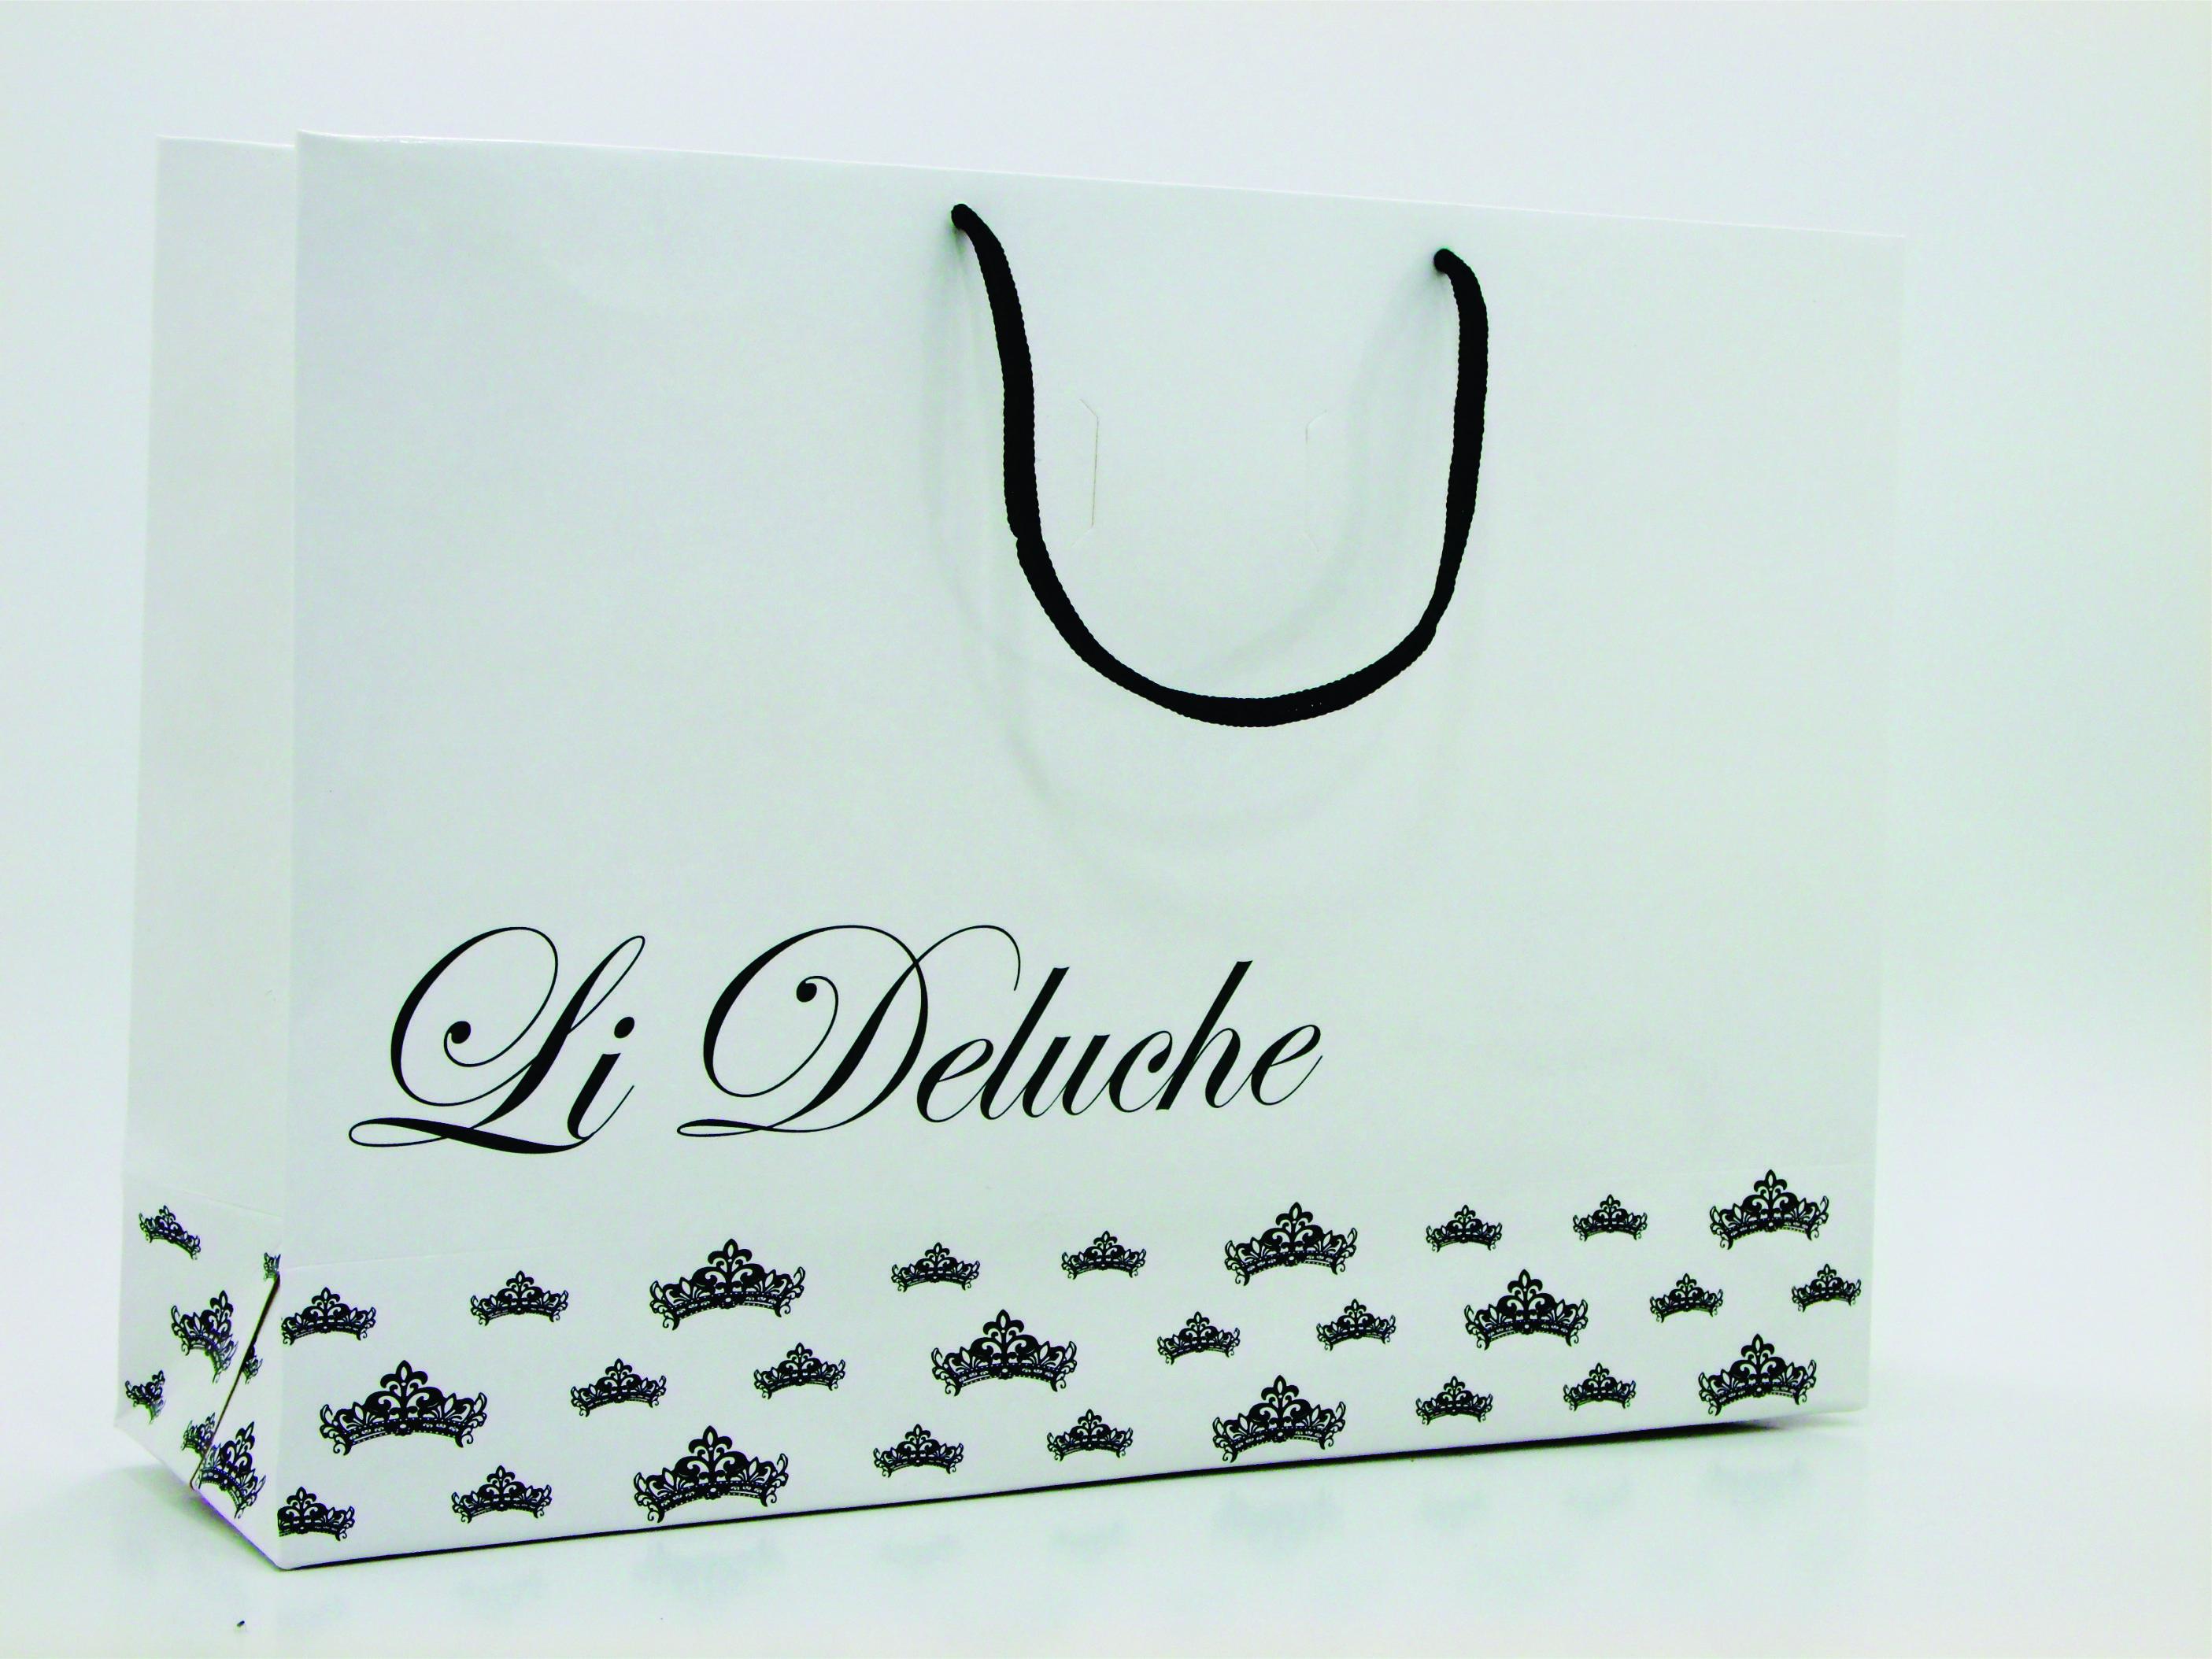 Sacola Li Deluche